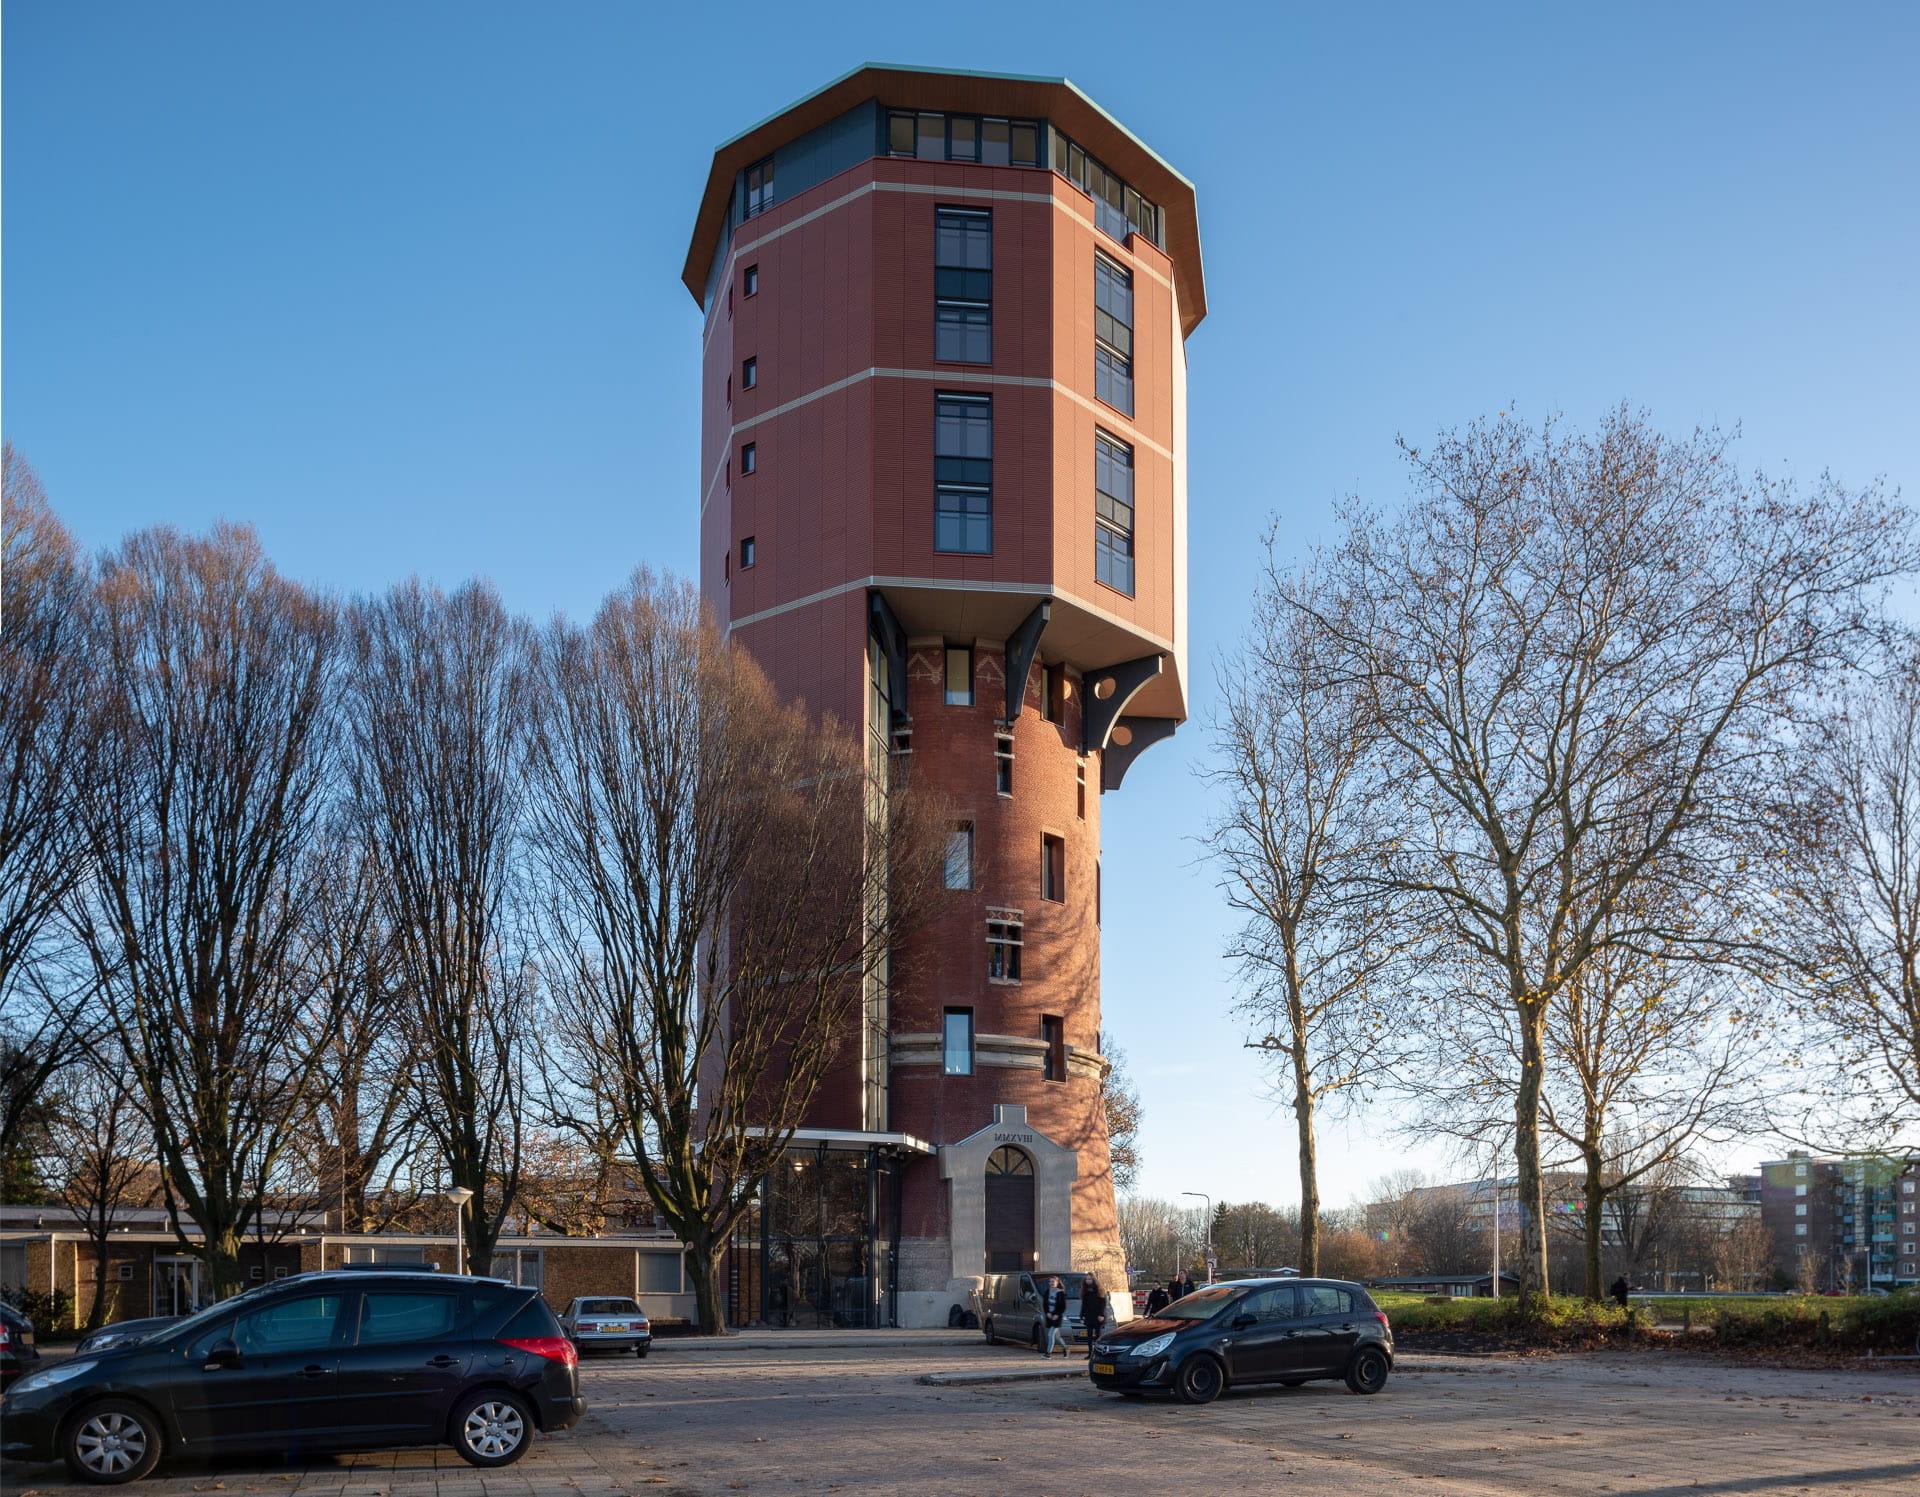 Zwolse Watertoren met blauwe lucht en parkeerplaats op voorgrond